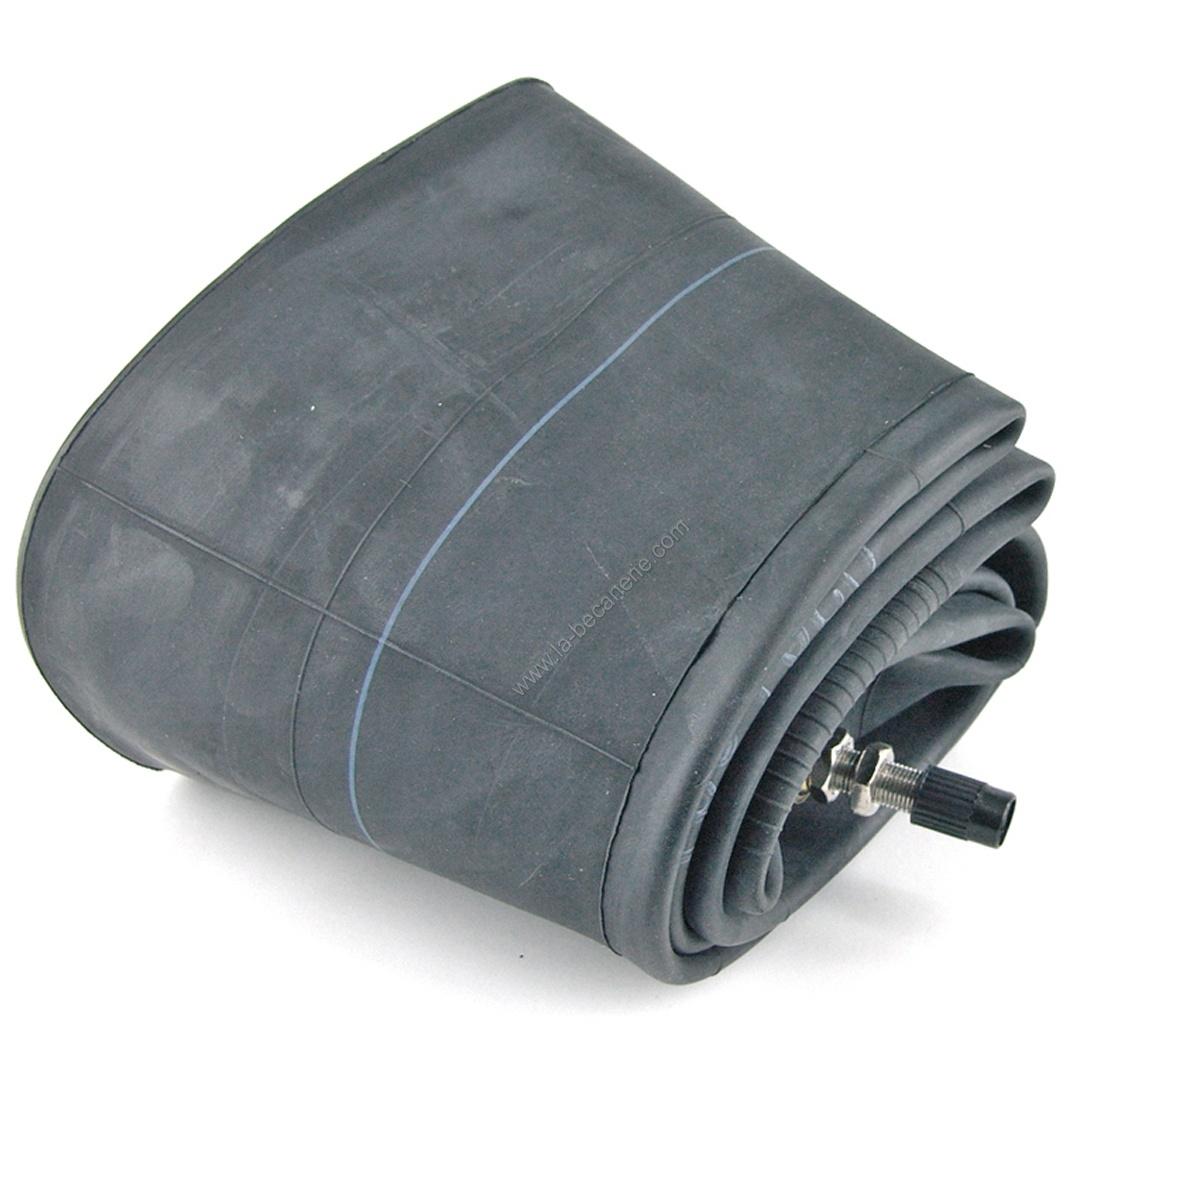 Pneu duro pneu duro sur enperdresonlapin for Chambre a air quad